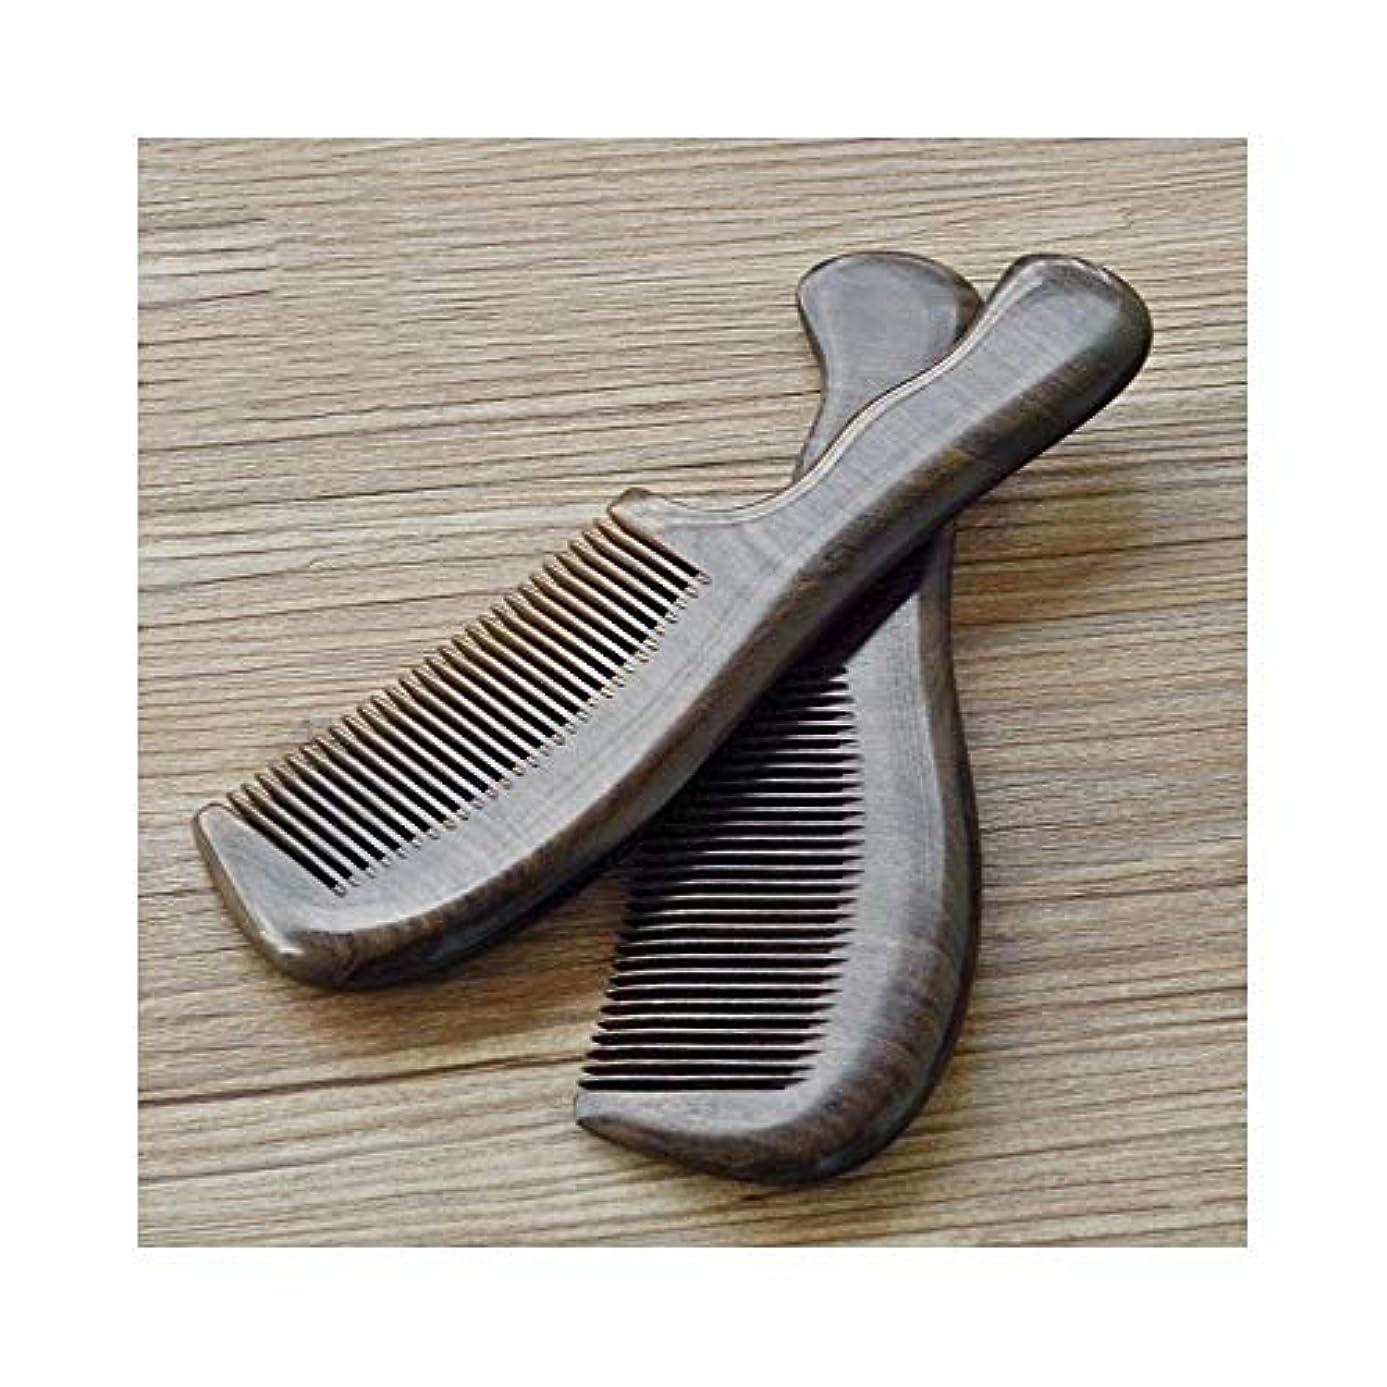 つぶすにおい差し控えるFashian手作りのサンダルくし静的な天然サンダルウッドくしファイン歯ヘアコーム ヘアケア